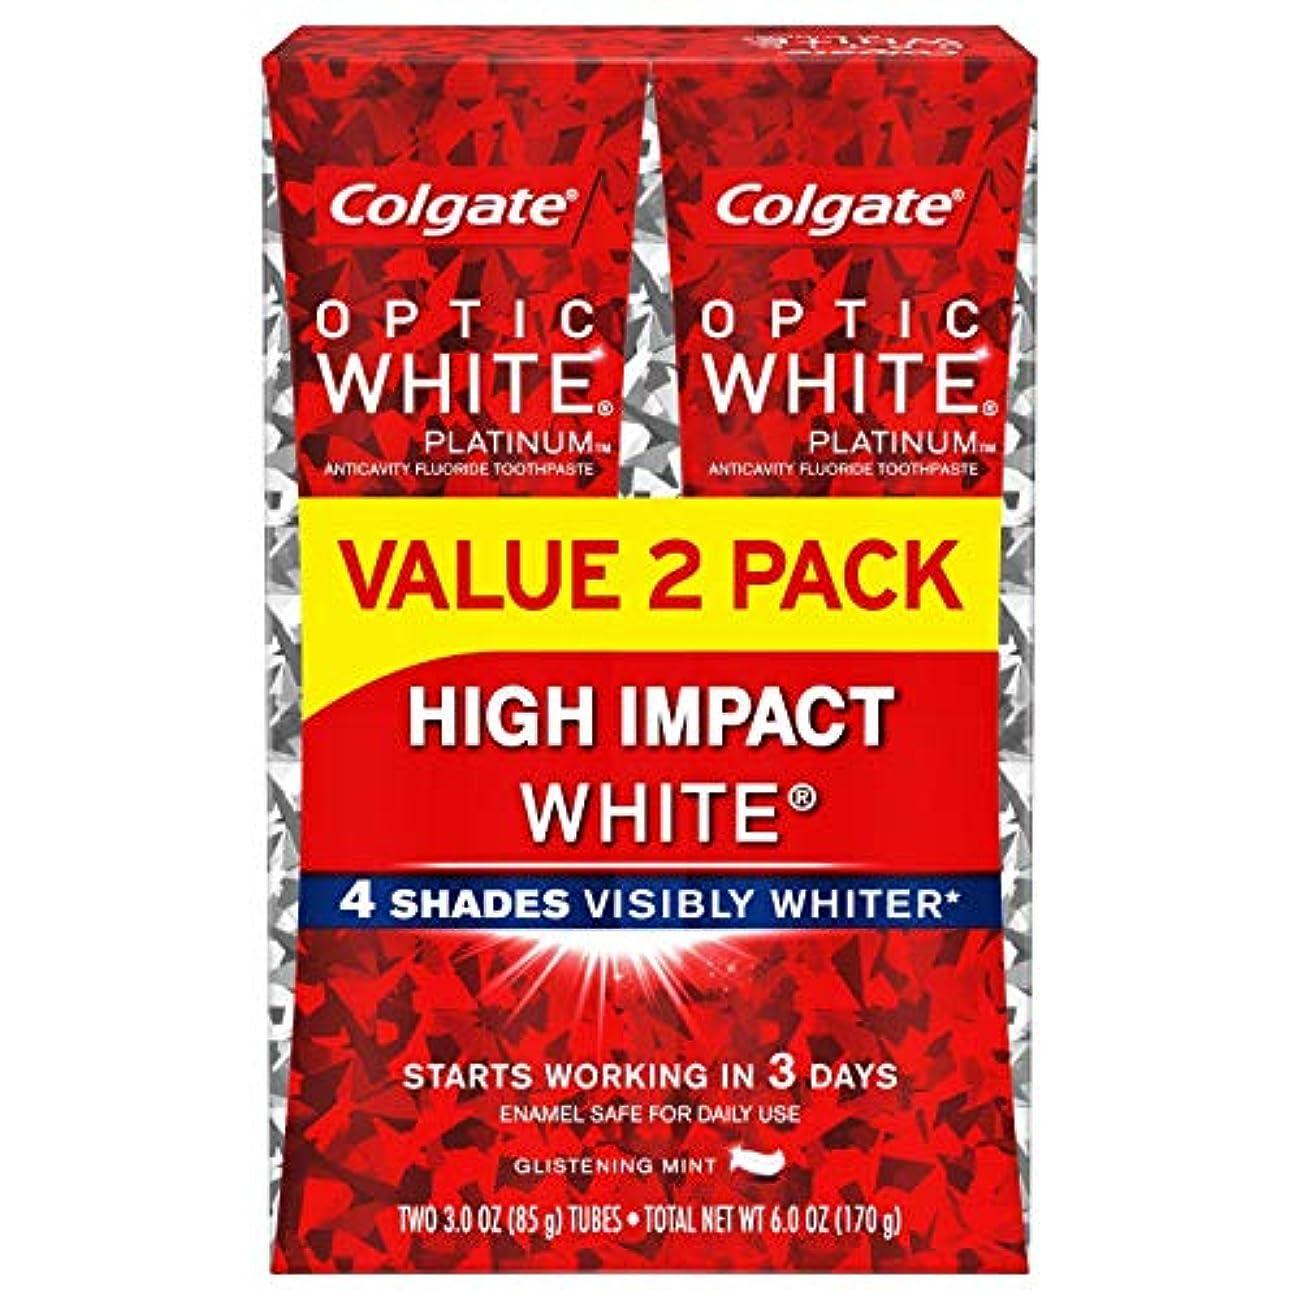 昼食七面鳥解き明かすColgate Optic White High Impact White 練り歯磨き [並行輸入品] (2個セット)